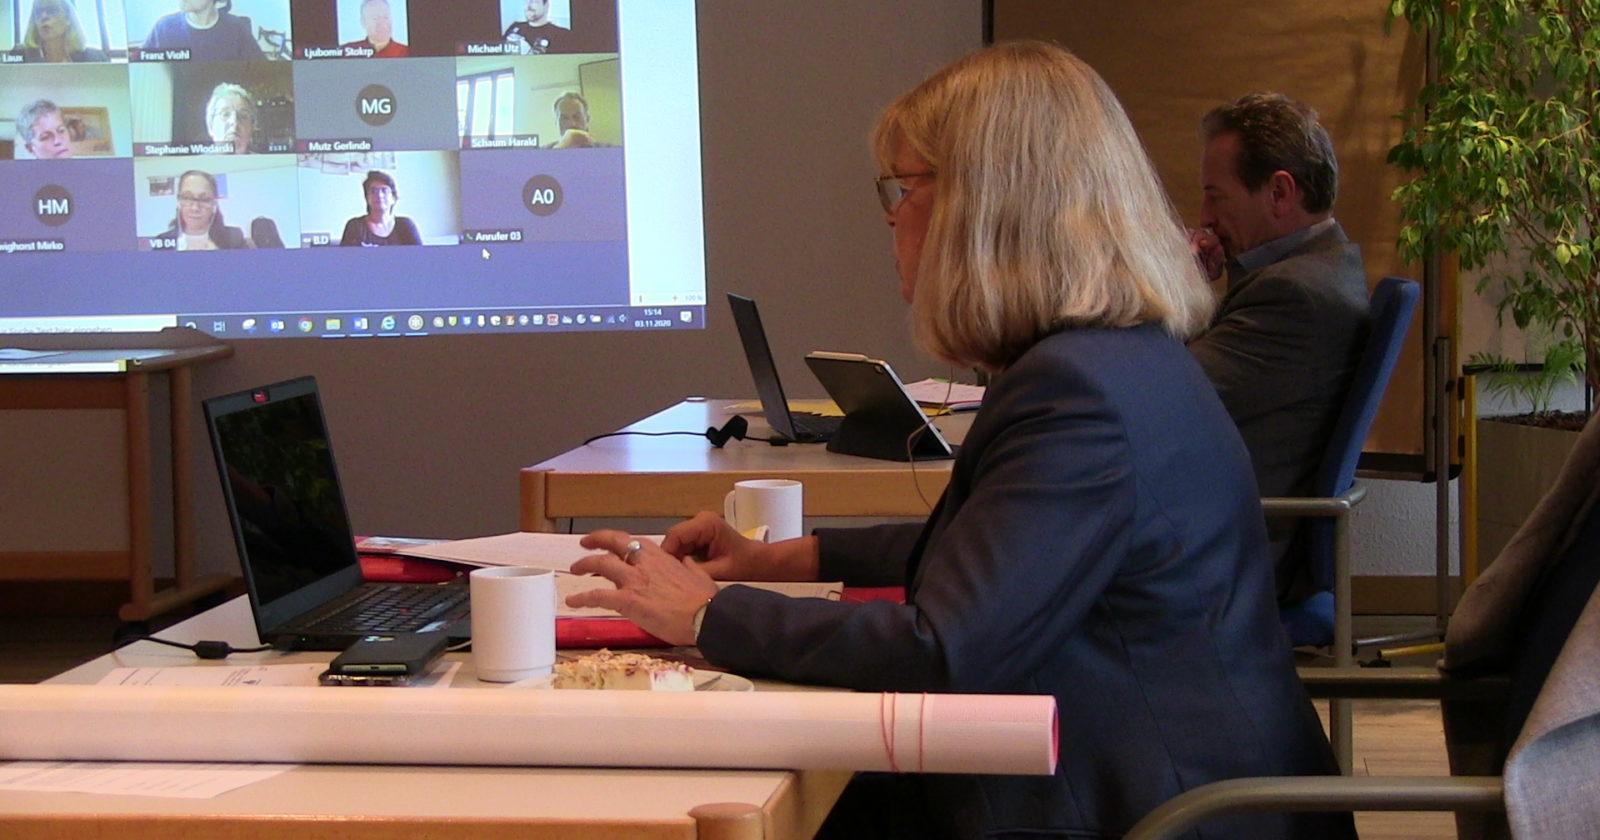 +++ Tarif-Ticker aus Steinbach +++ Tarifverhandlung unterbrochen – IG BAU Tarifkommission berät sich per Videokonferenz +++